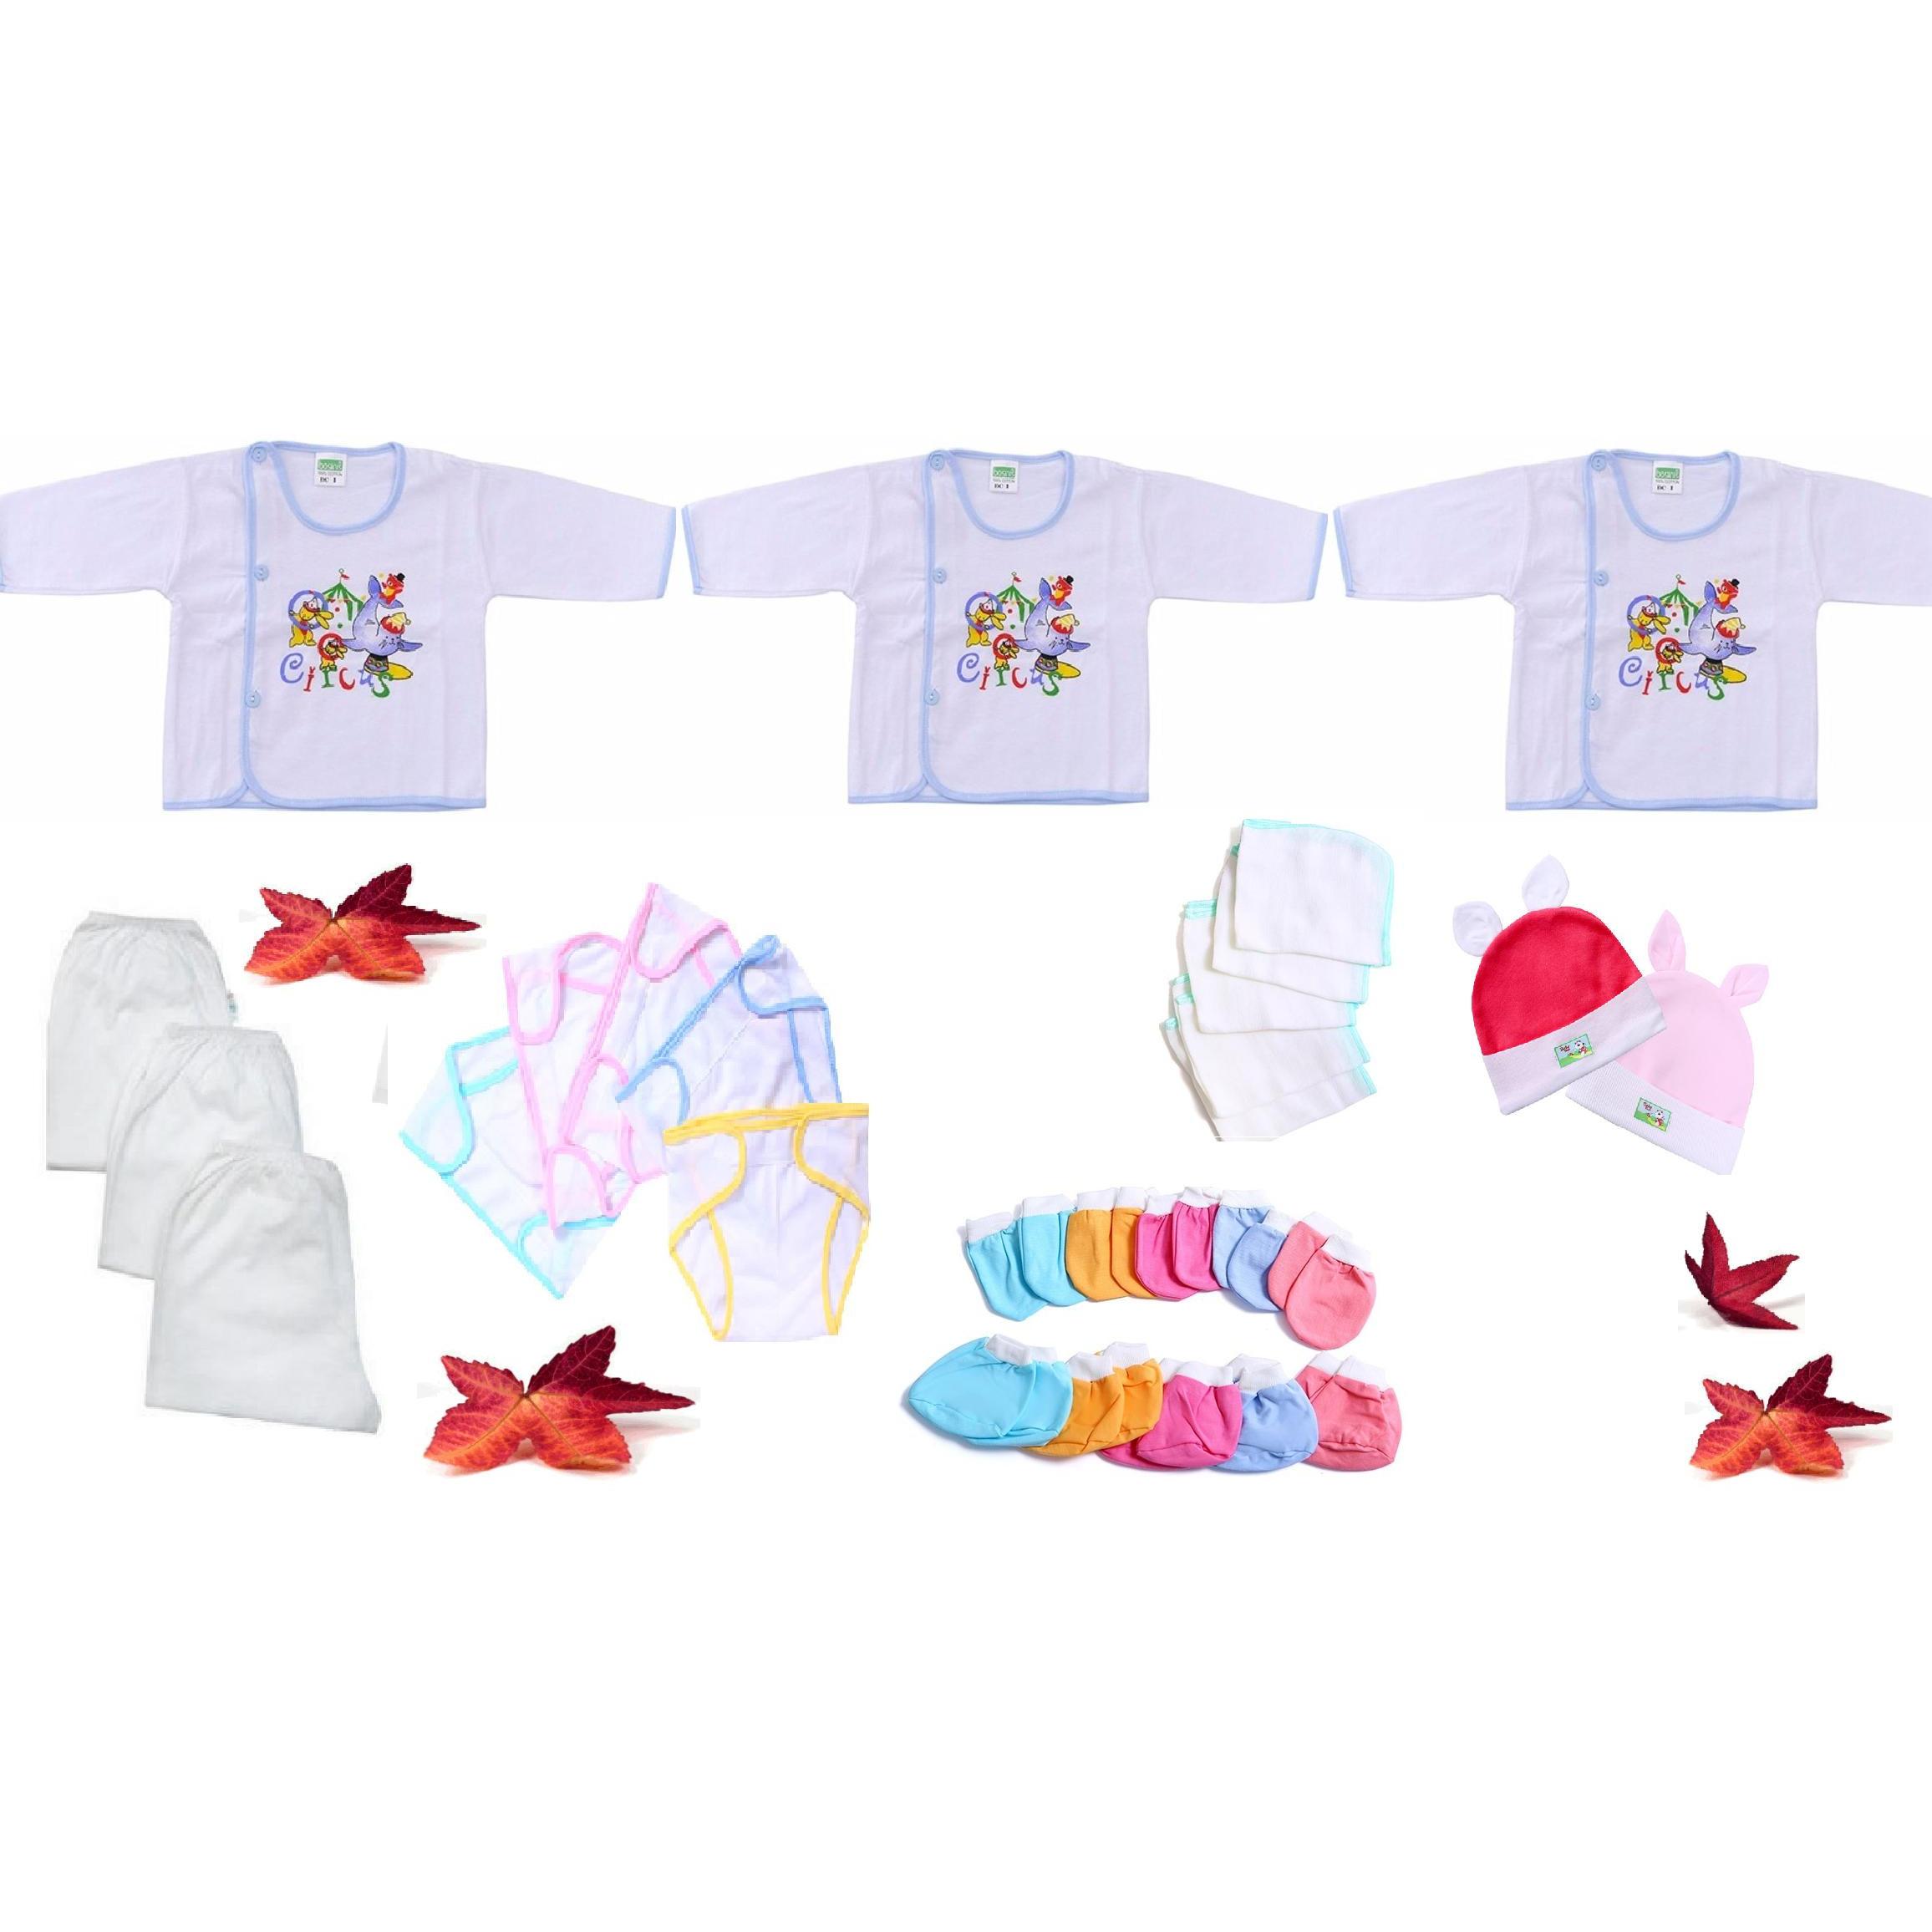 Combo 28 món đồ cho trẻ sơ sinh từ 0 đến 6  tháng tuổi3 áo  3 quần dài  5 tã dán  5 khăn sữa  5 đôi bao tay  5 đôi bao chân  2 nón thỏ - size3 - tay dài